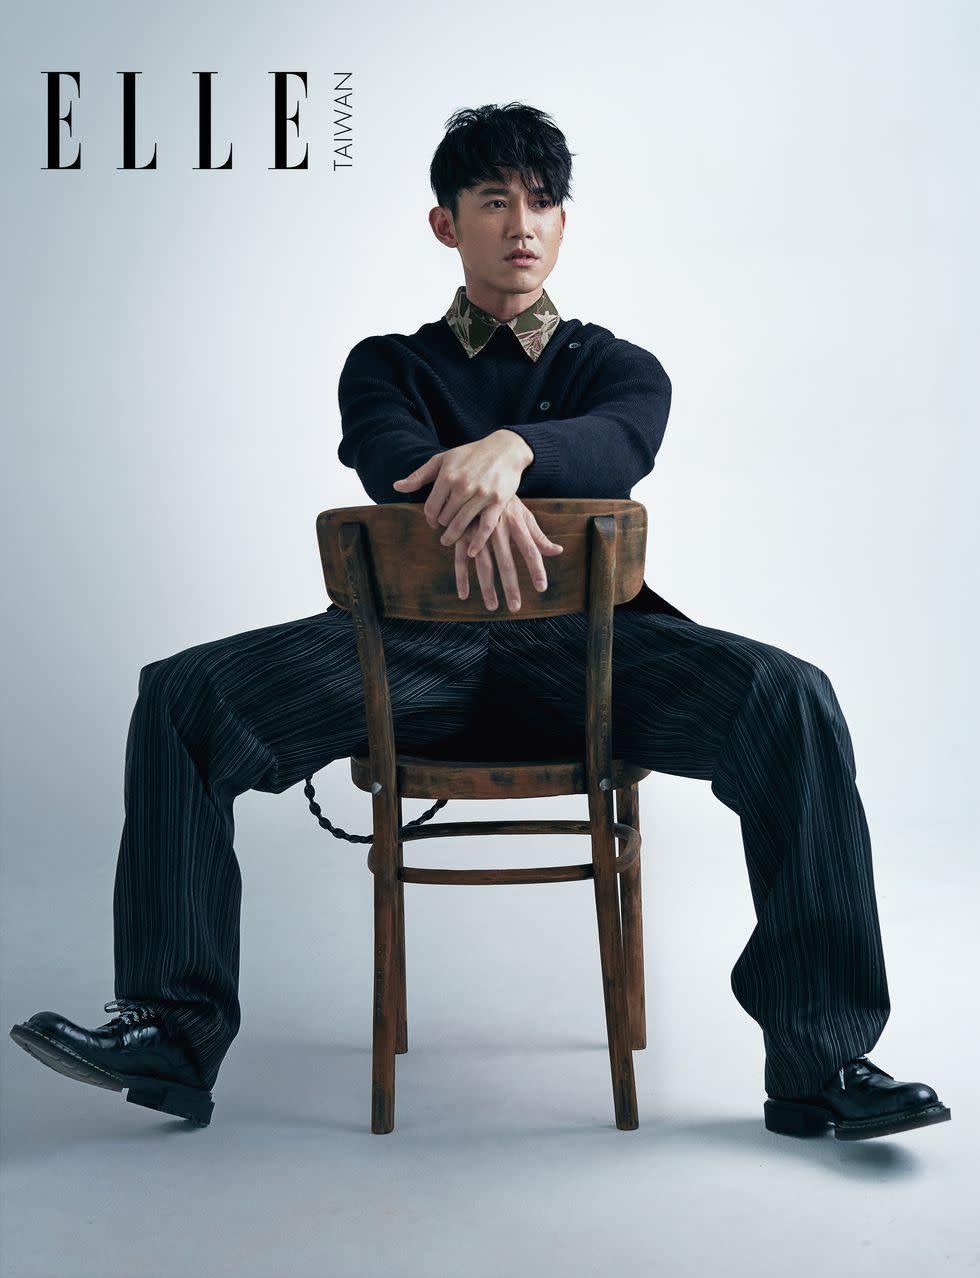 印花襯衫、針織毛衣(BOTH BY LANVIN);細條紋長褲、雕花綁帶皮鞋、黑色腰鍊(ALL BY DIOR HOMME)。